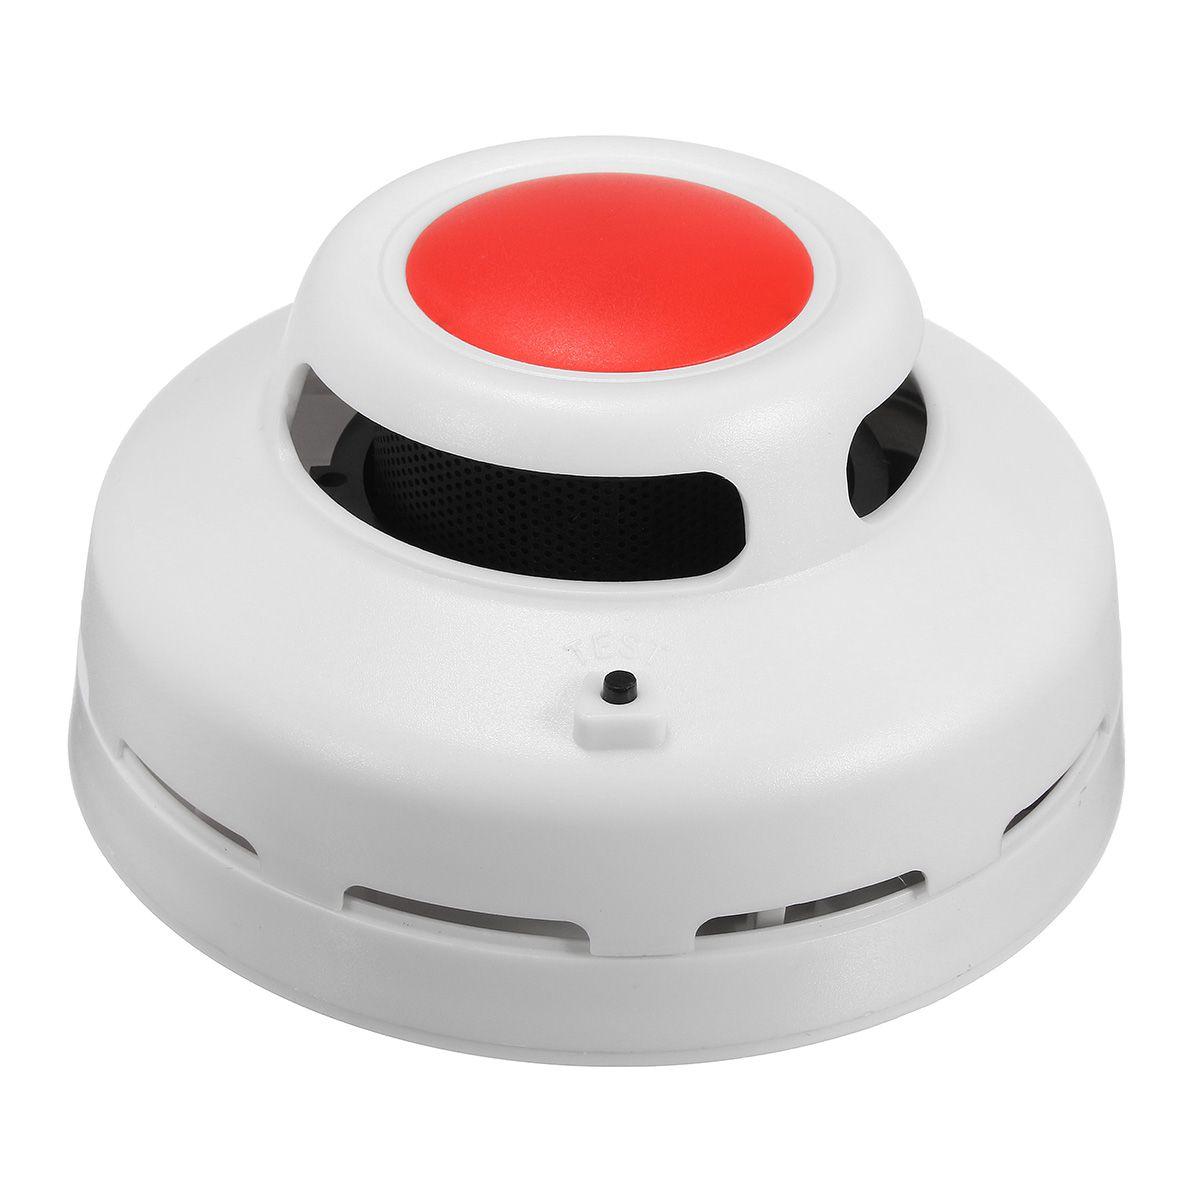 2 in1 Combinación CO Alarma de Monóxido de Carbono Y Humo y Detector de Humo Alarma de Advertencia de Seguridad Para El Hogar